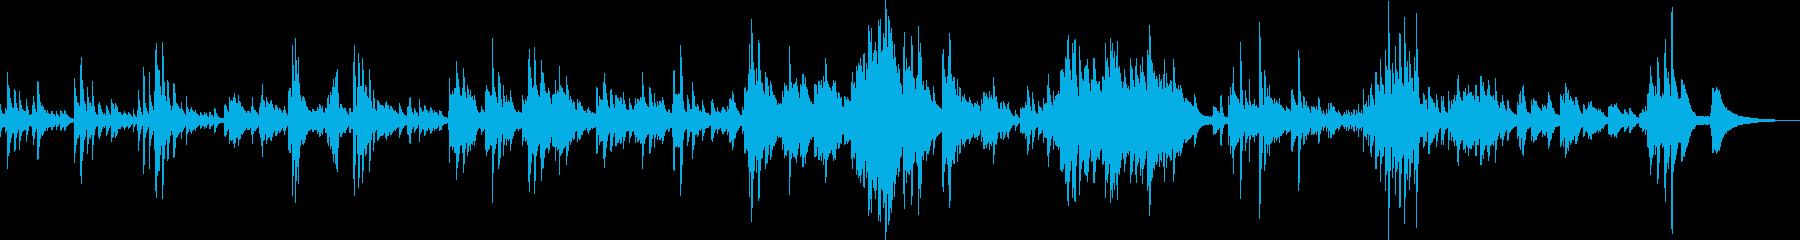 儚くて切ないピアノバラード(繊細・感動)の再生済みの波形